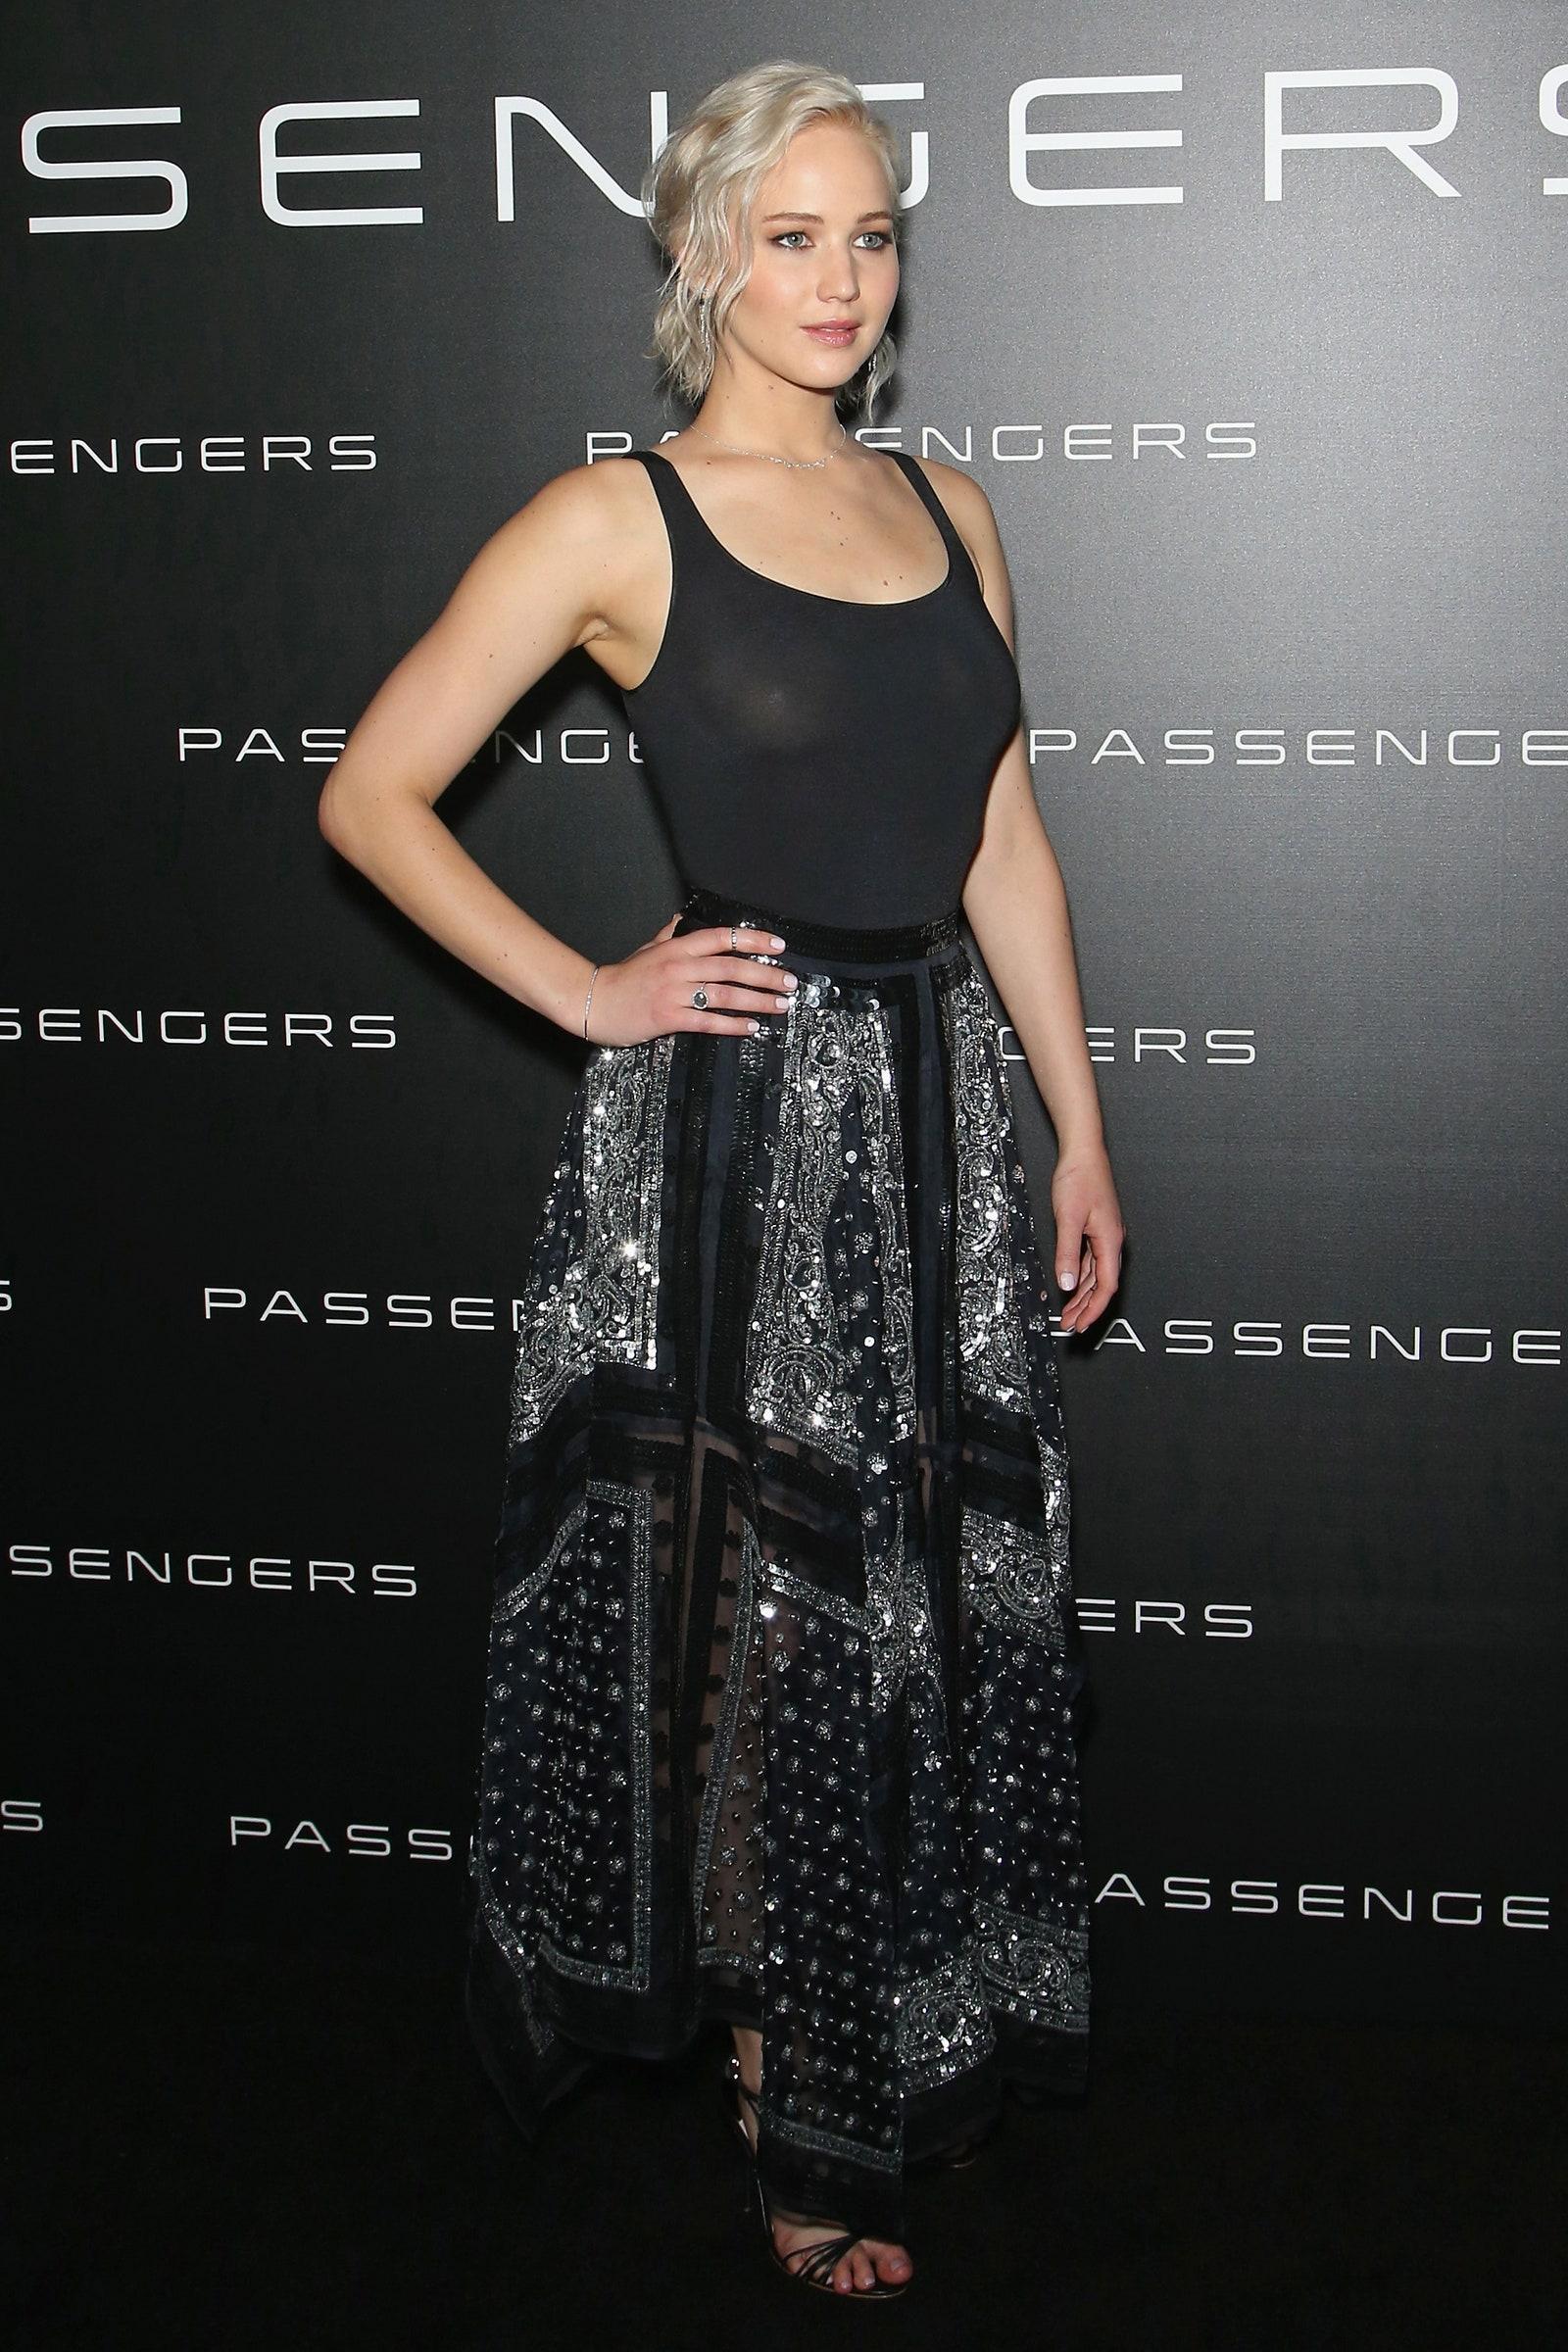 Jennifer Lawrence No Bra photo 6